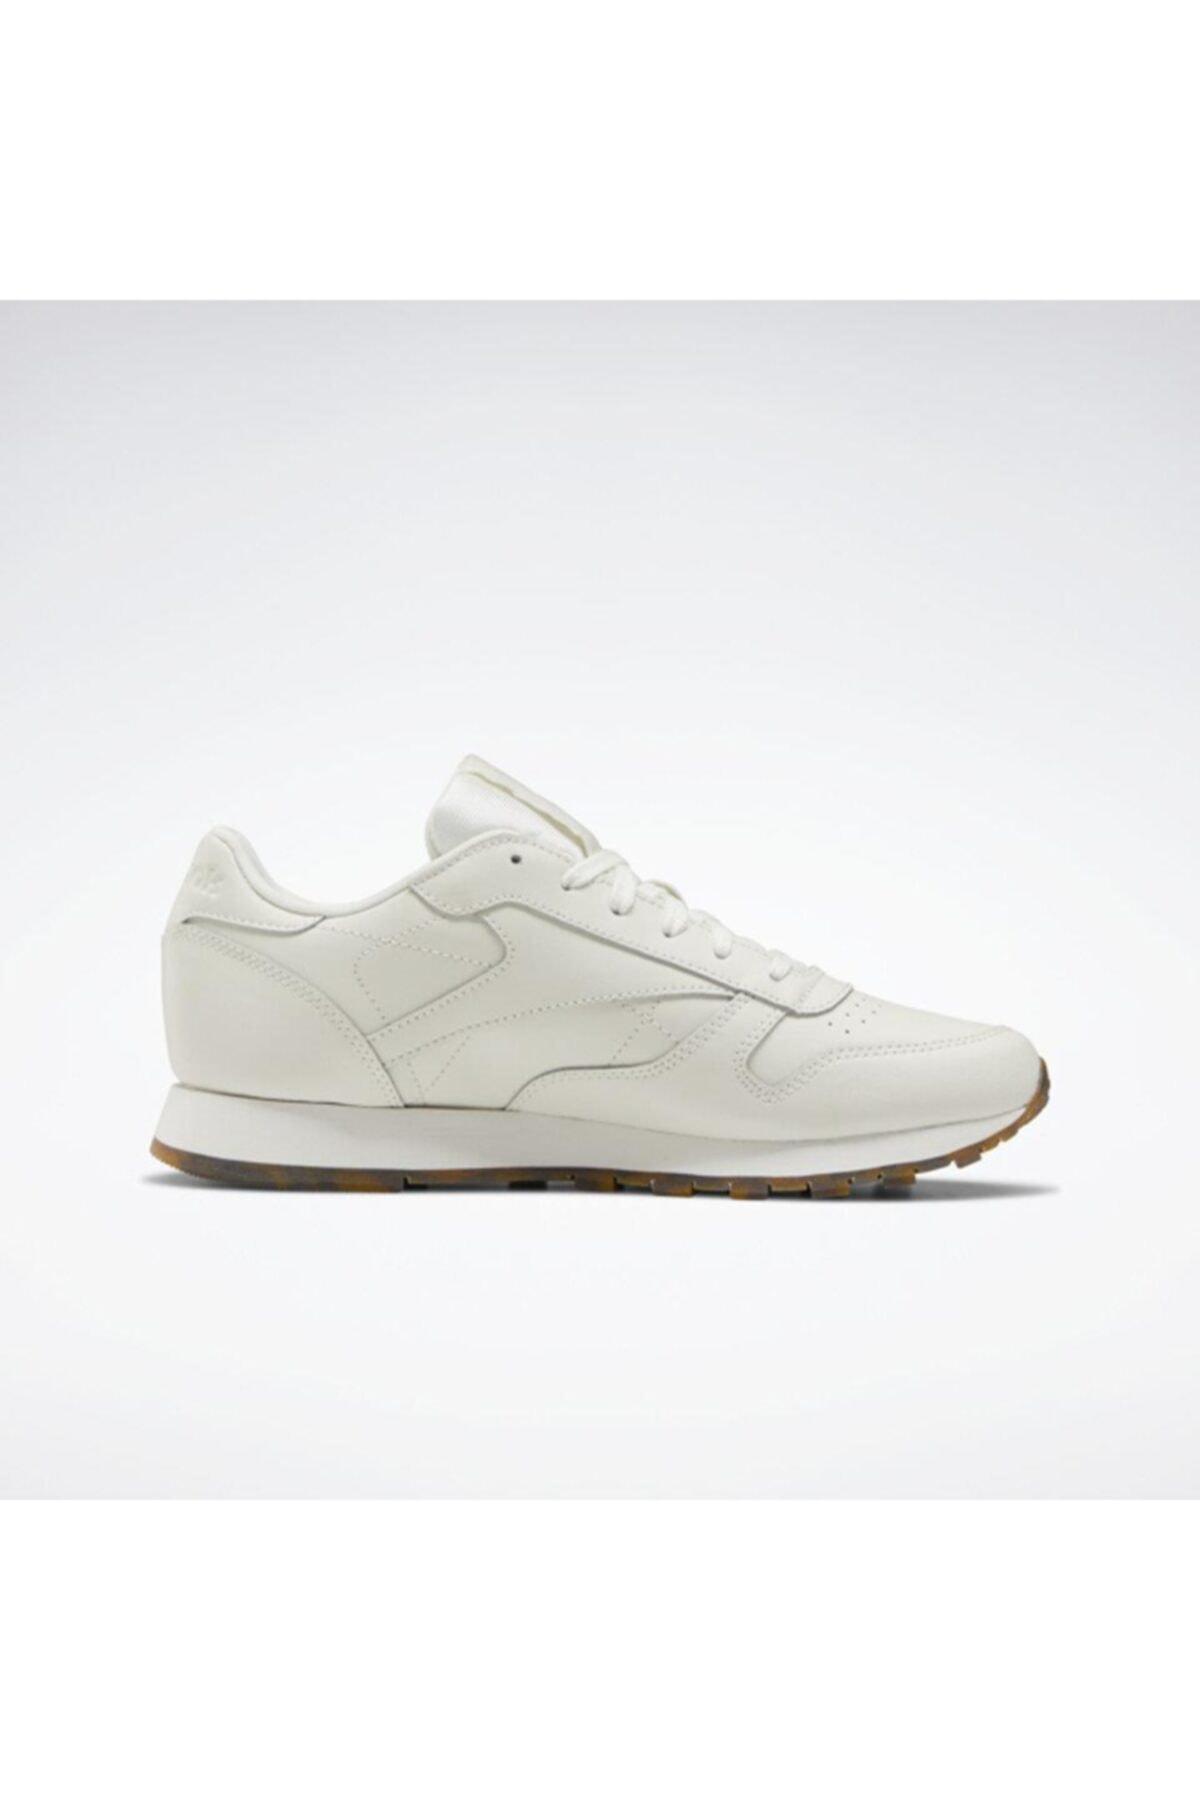 Reebok Eh1664 Classic Leather Kadın Günlük Spor Ayakkabı Beyaz 1